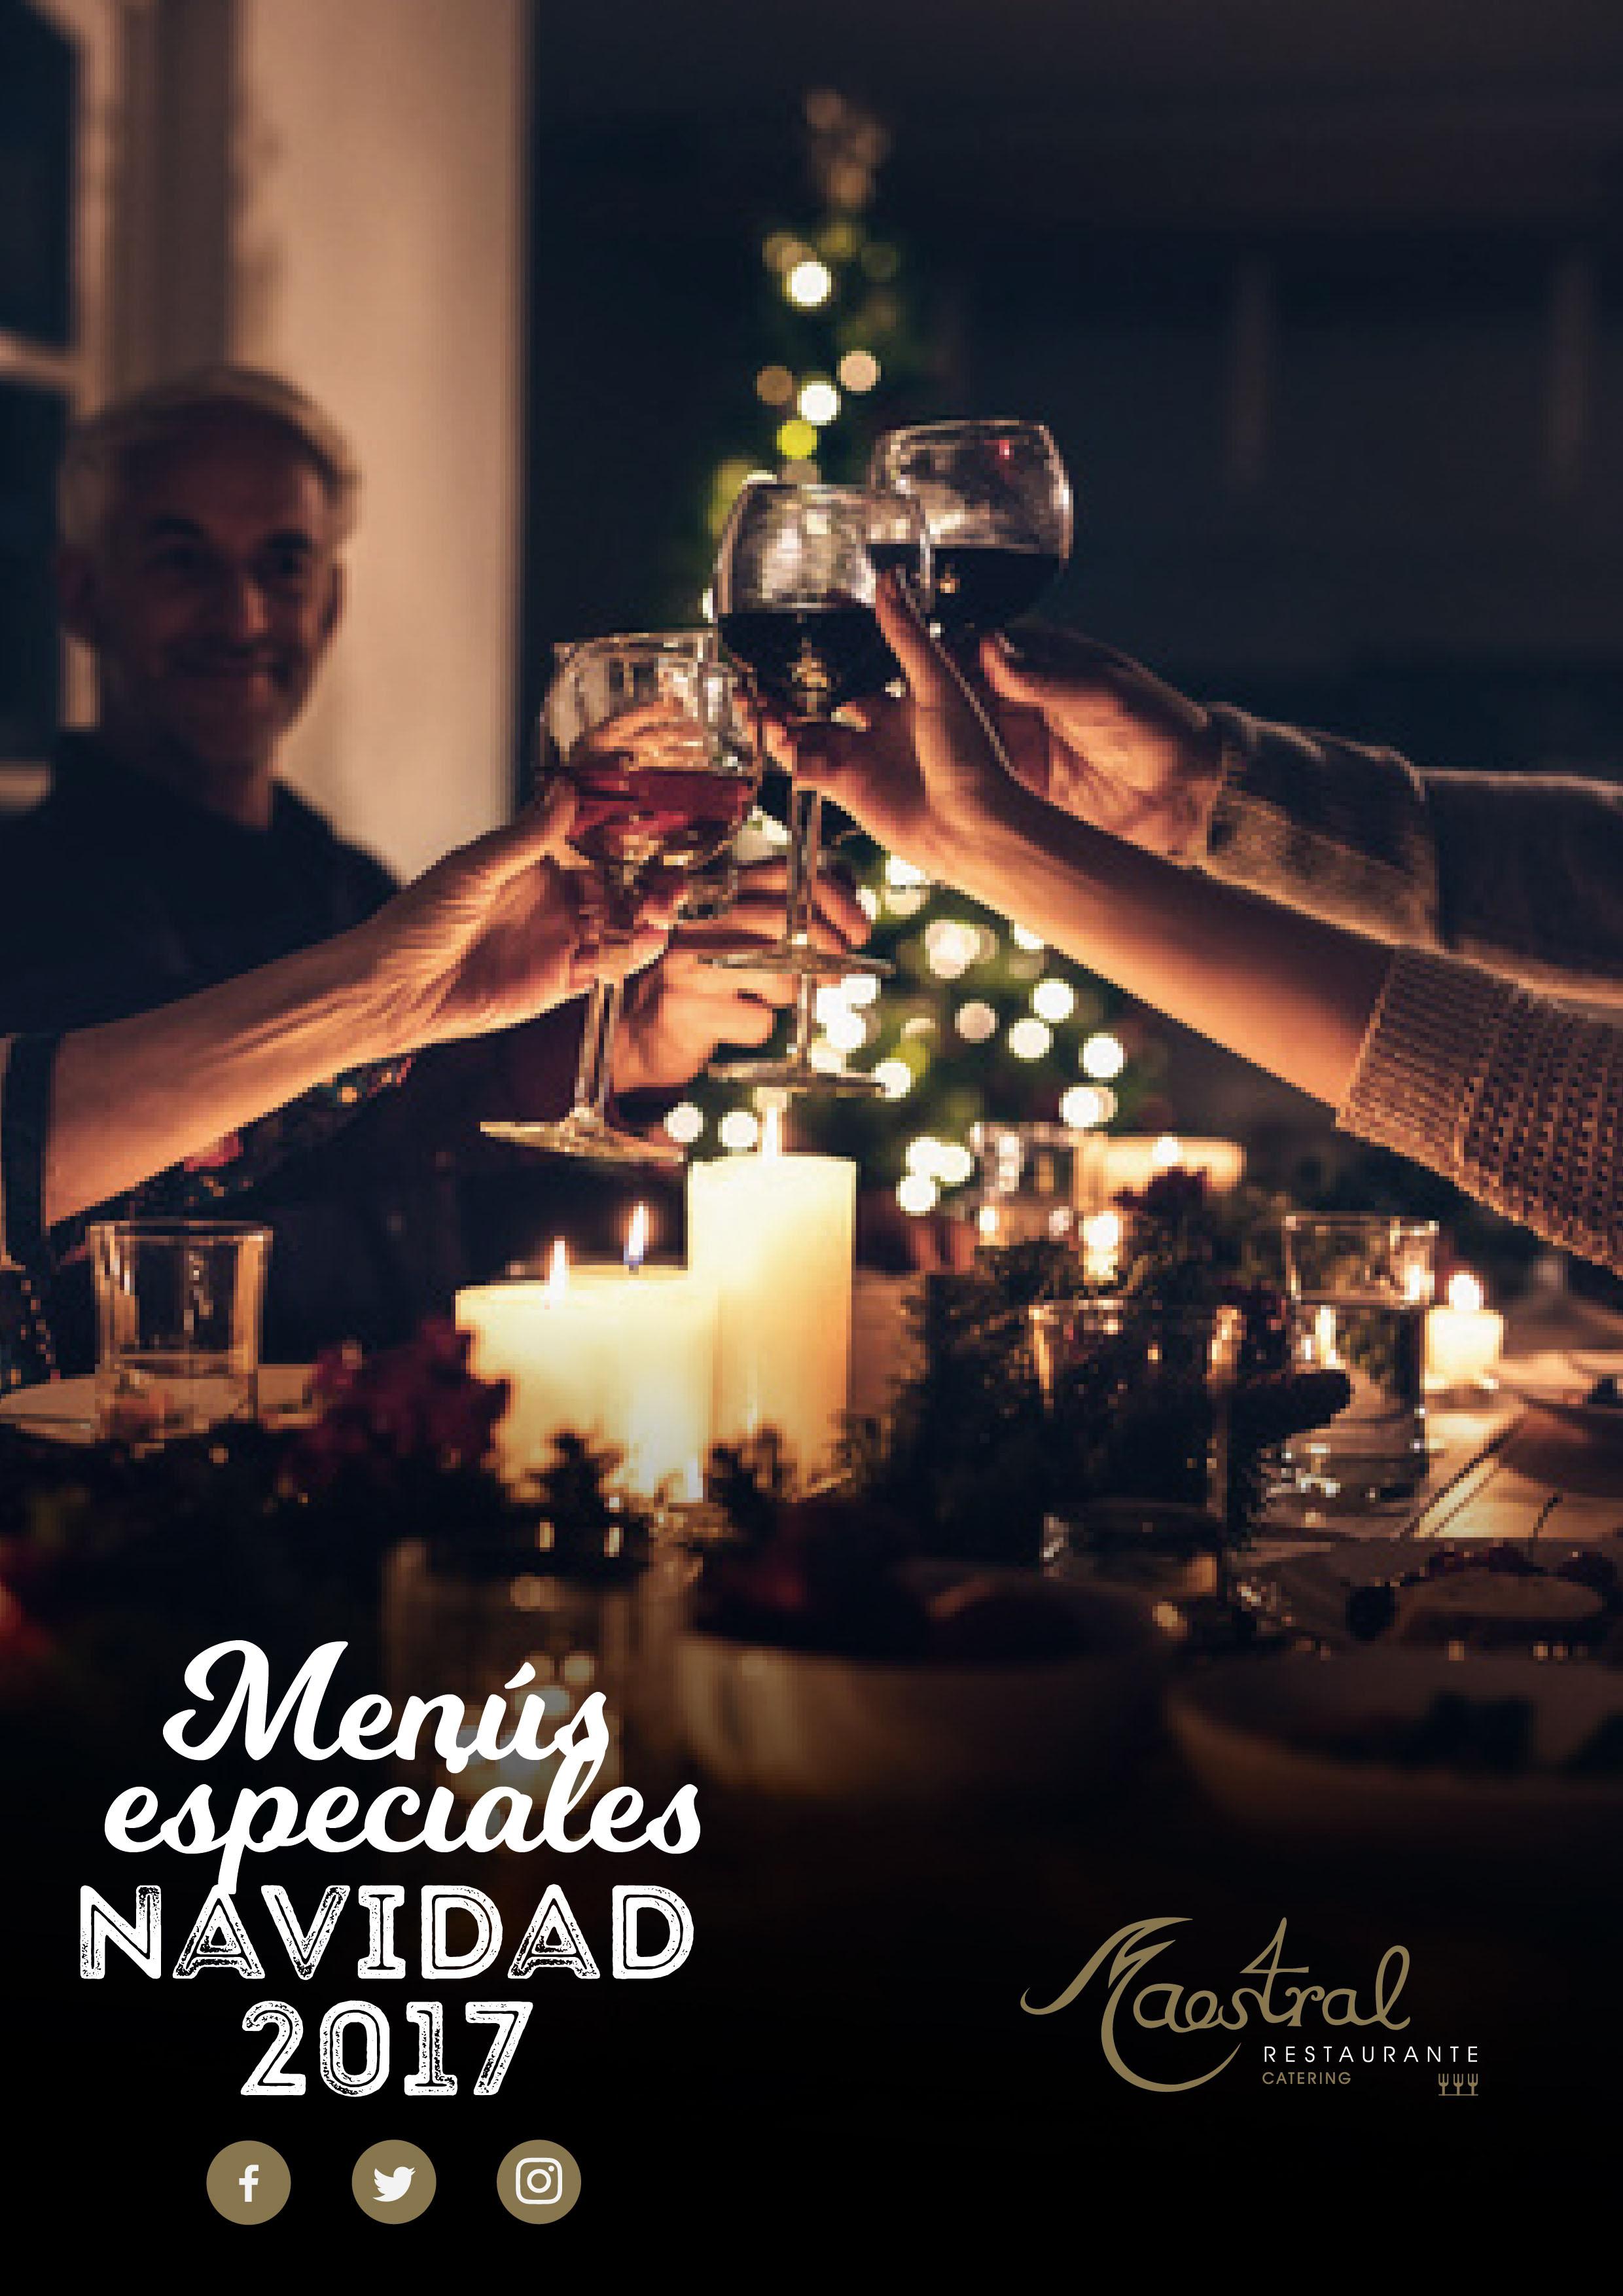 Comidas y cenas empresa Maestral Navidad